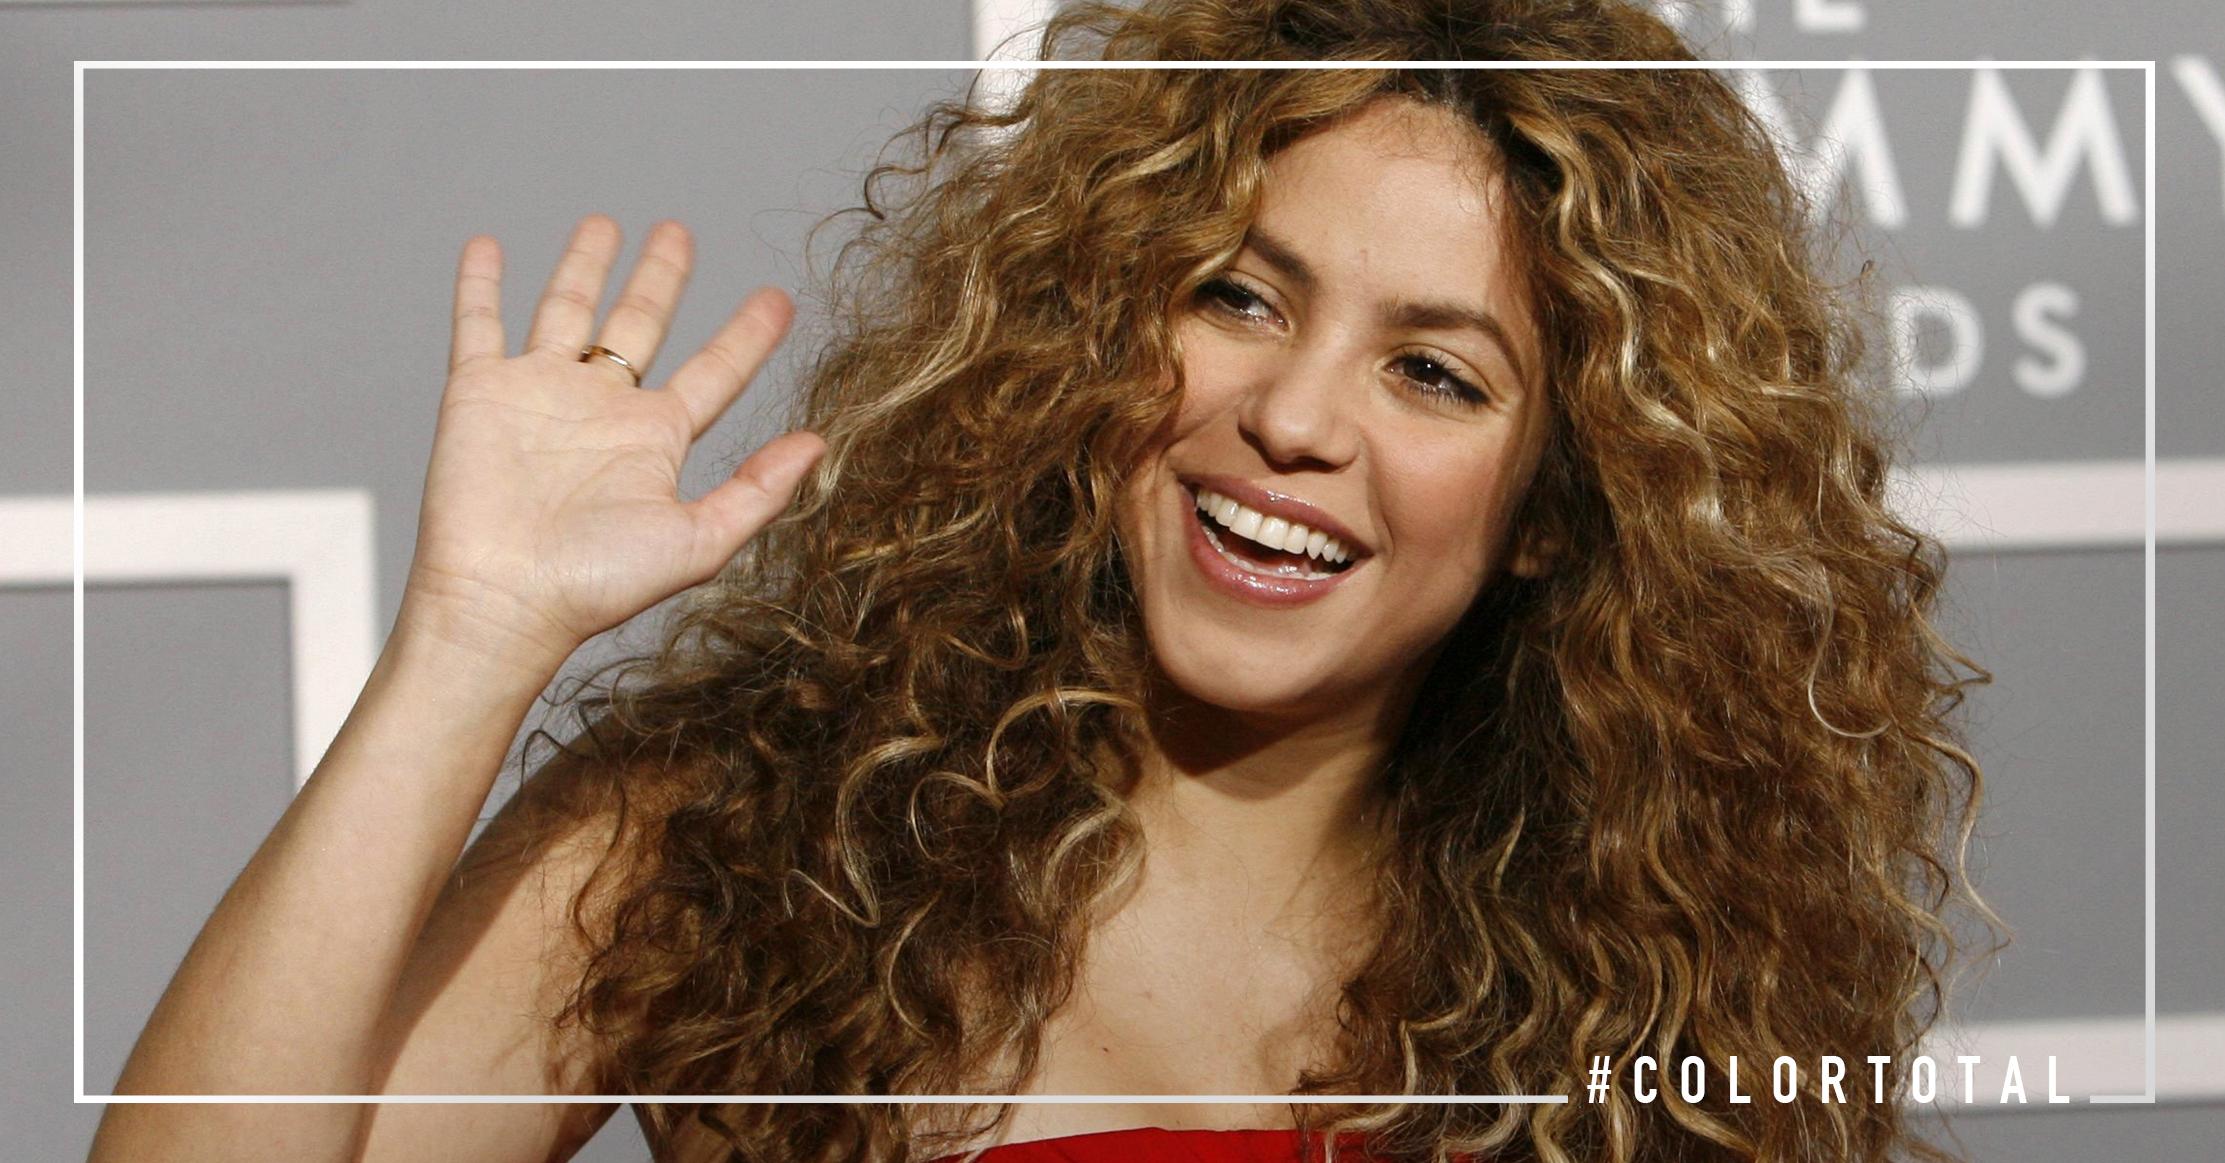 Cabello rizado, cómo mimar el pelo curly